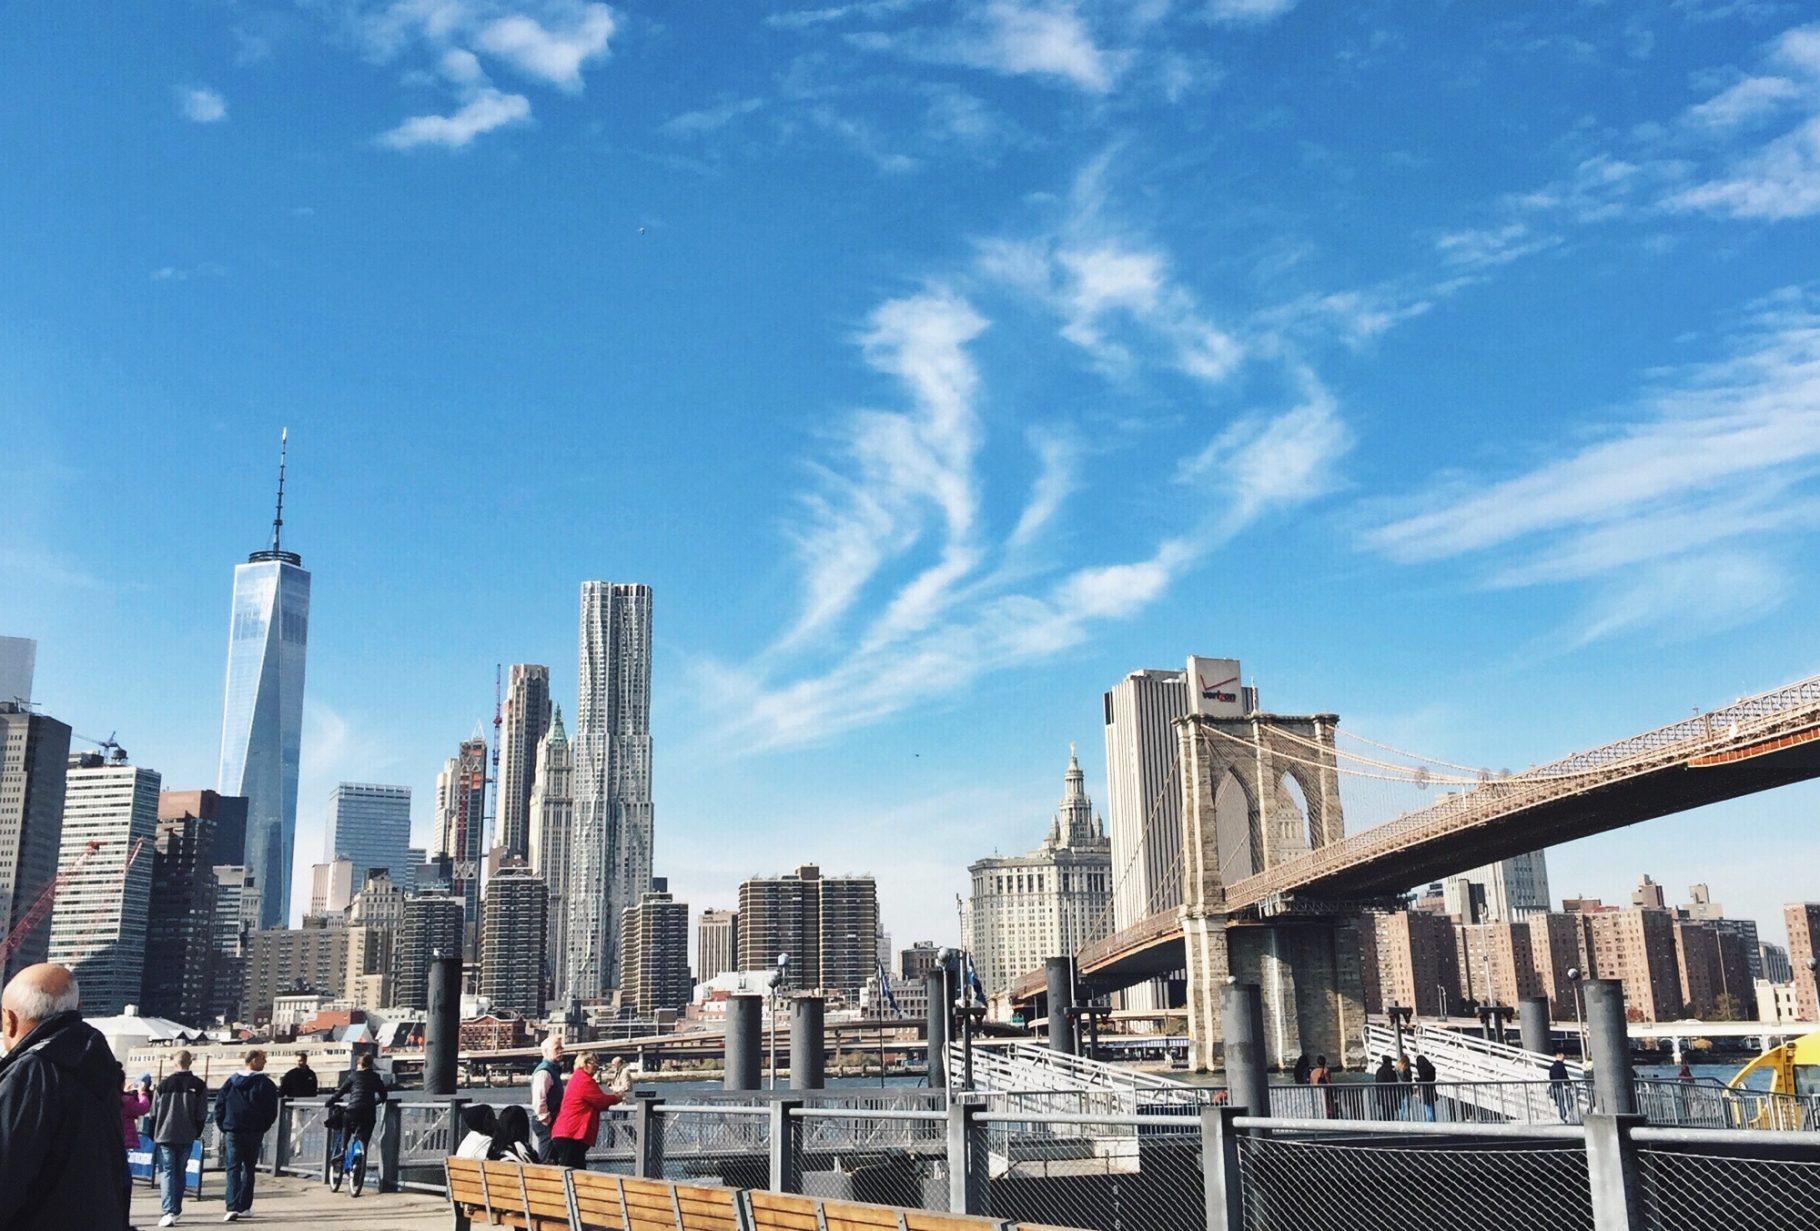 New York Photo Diary: <br> Meine Schnappschüsse vom Big Apple